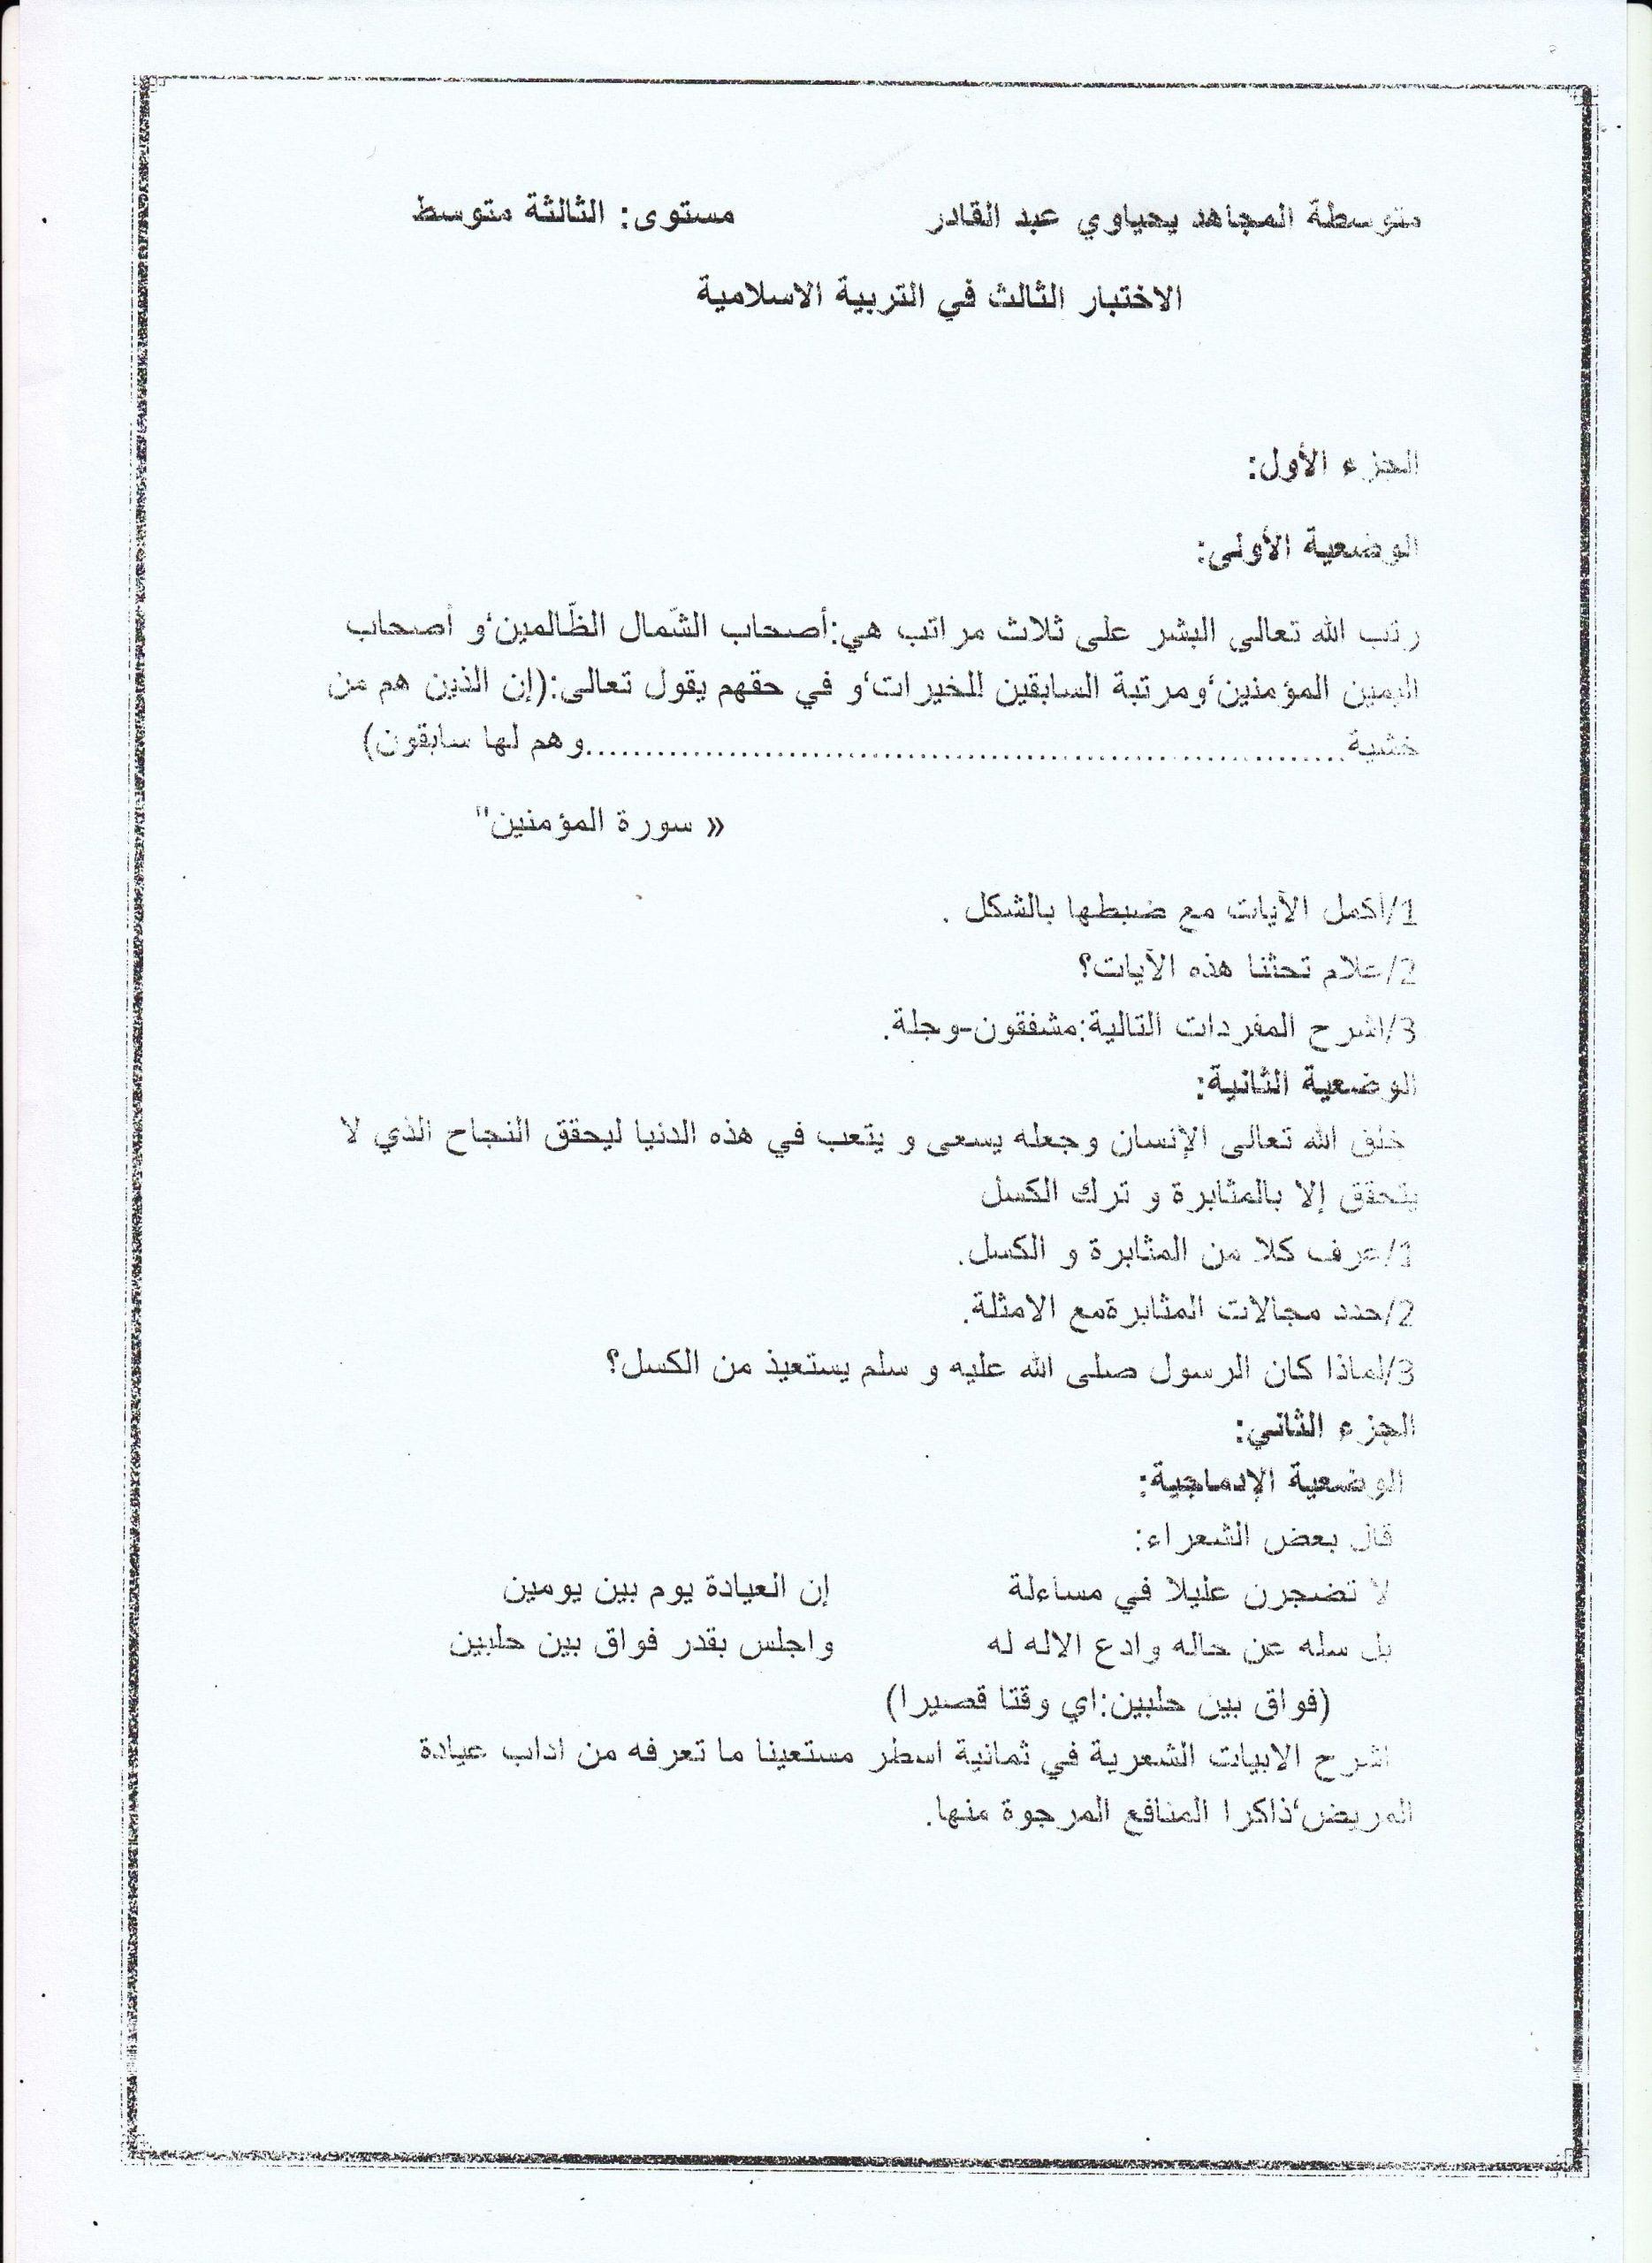 اختبار الفصل الثالث في التربية الاسلامية السنة الثالثة متوسط   الموضوع 01